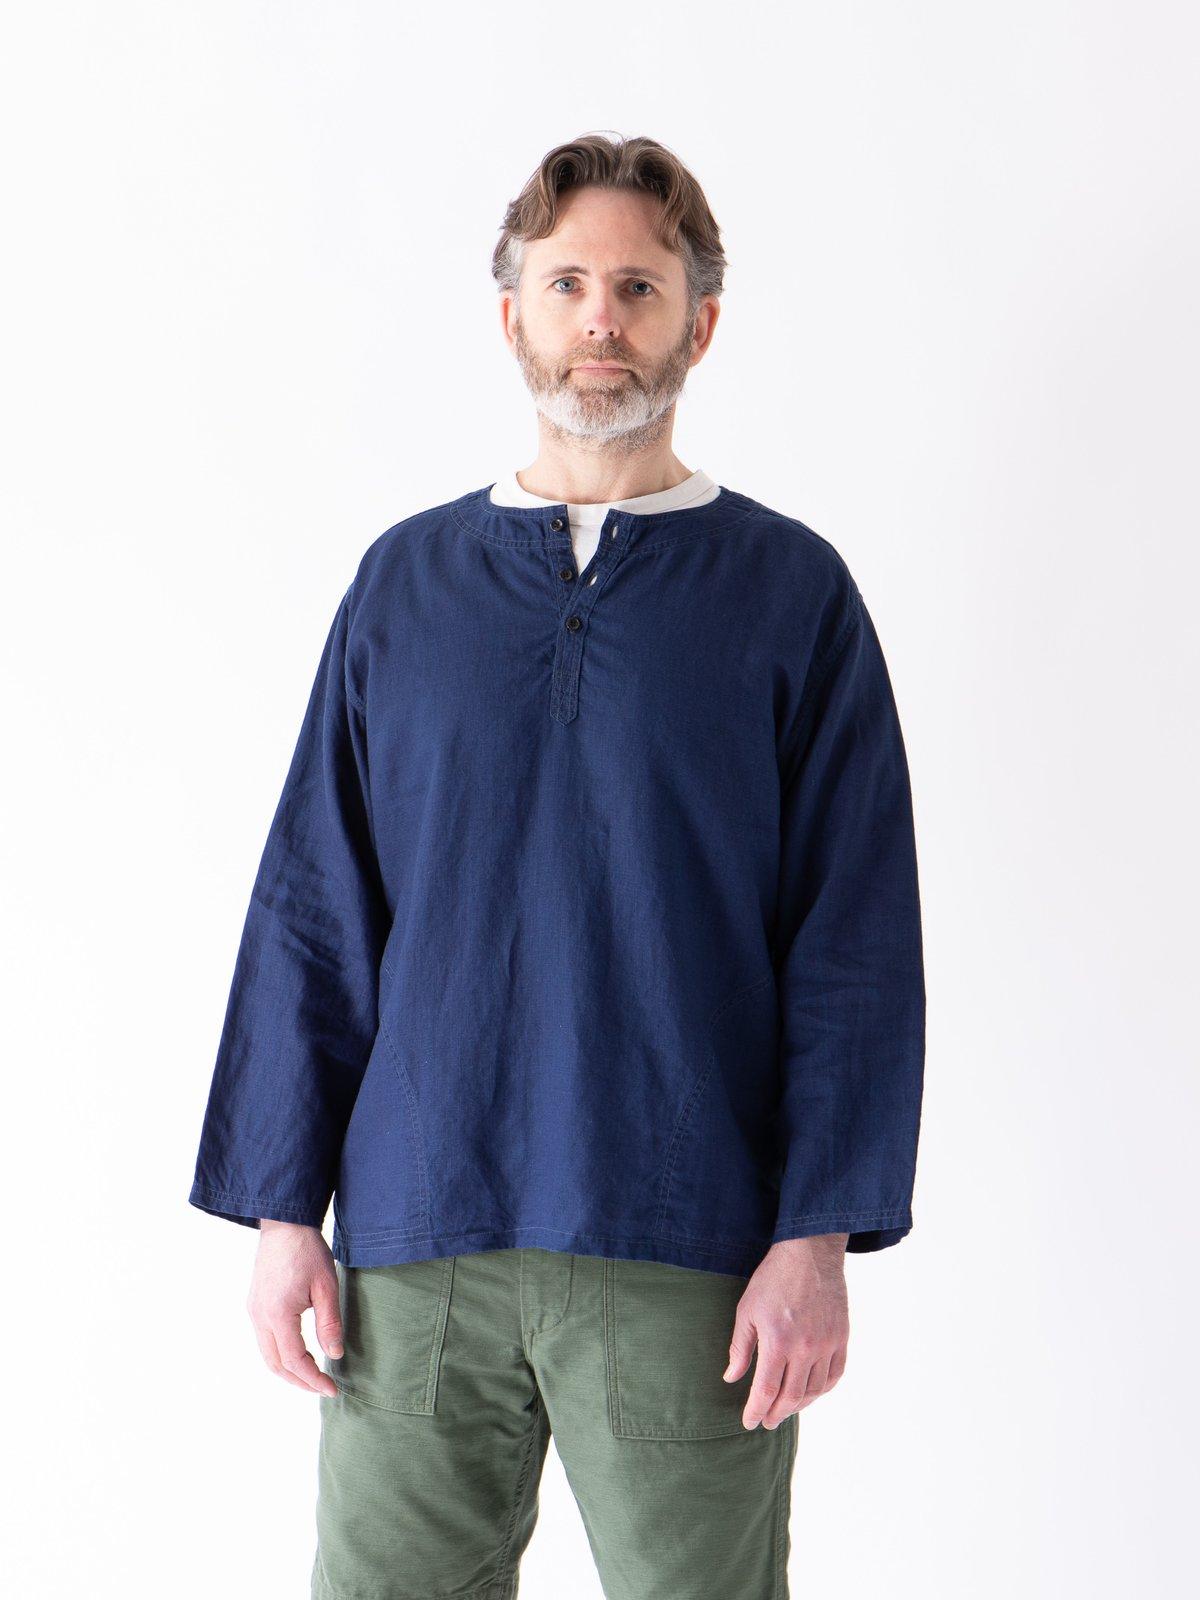 Indigo Linen Pullover Shirt - Image 2